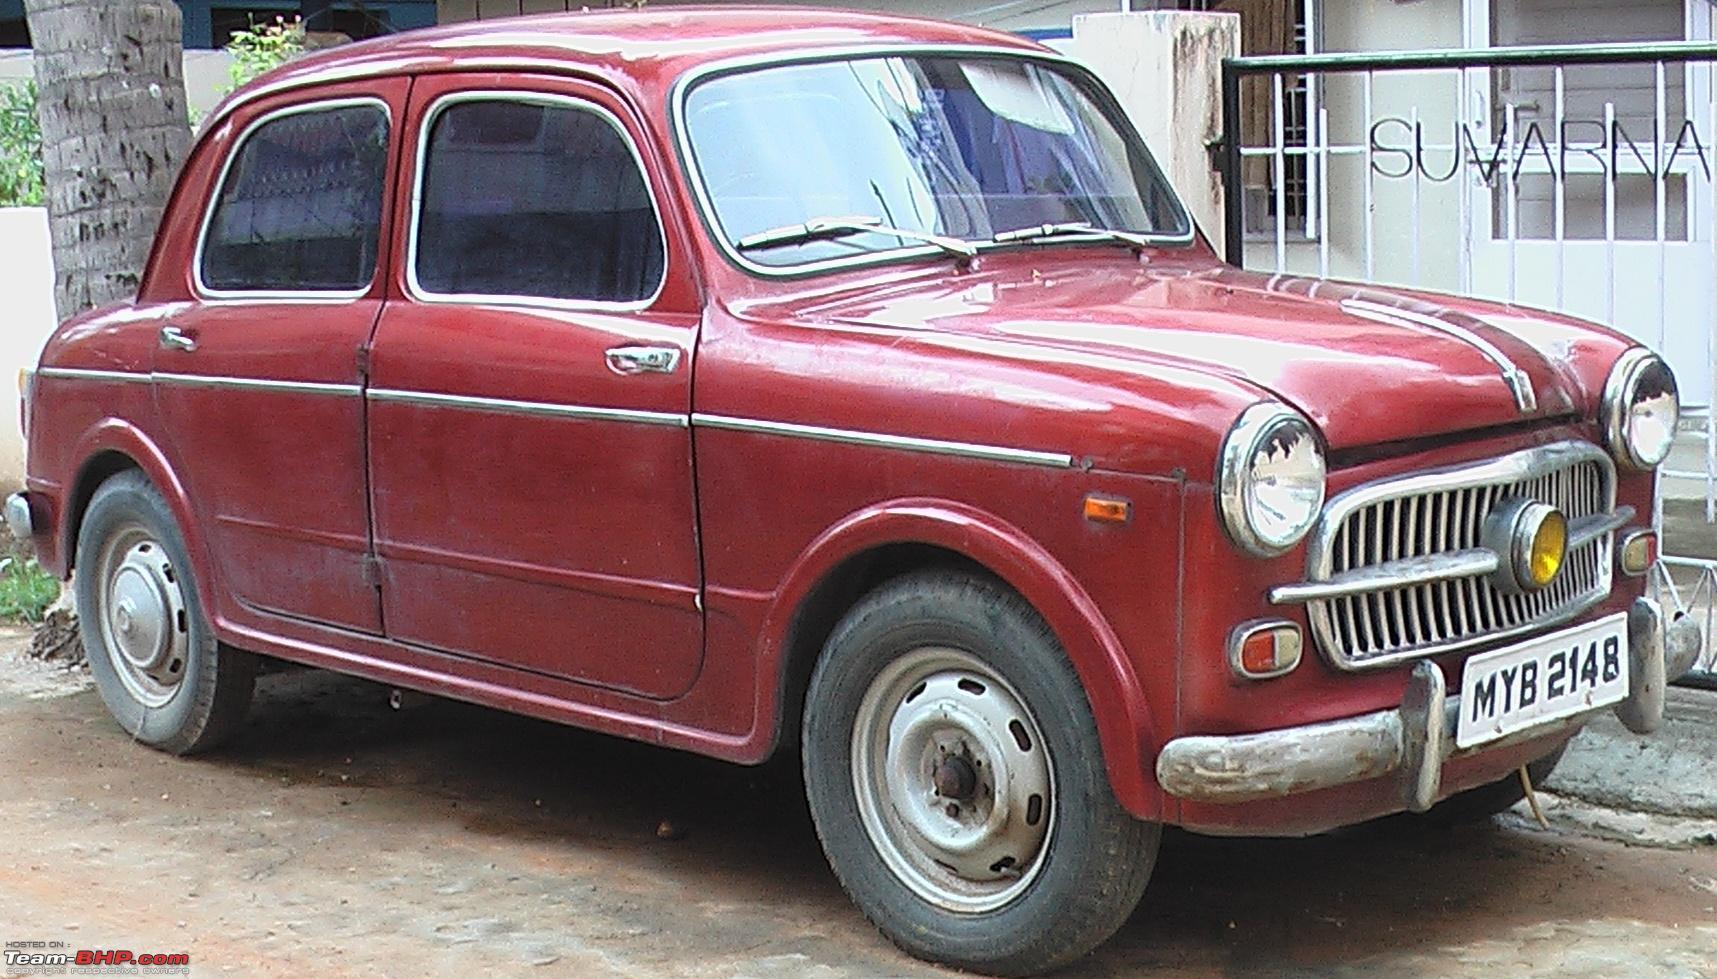 MYB 2148 Fiat Elegant 1957-myb-frontview.jpg